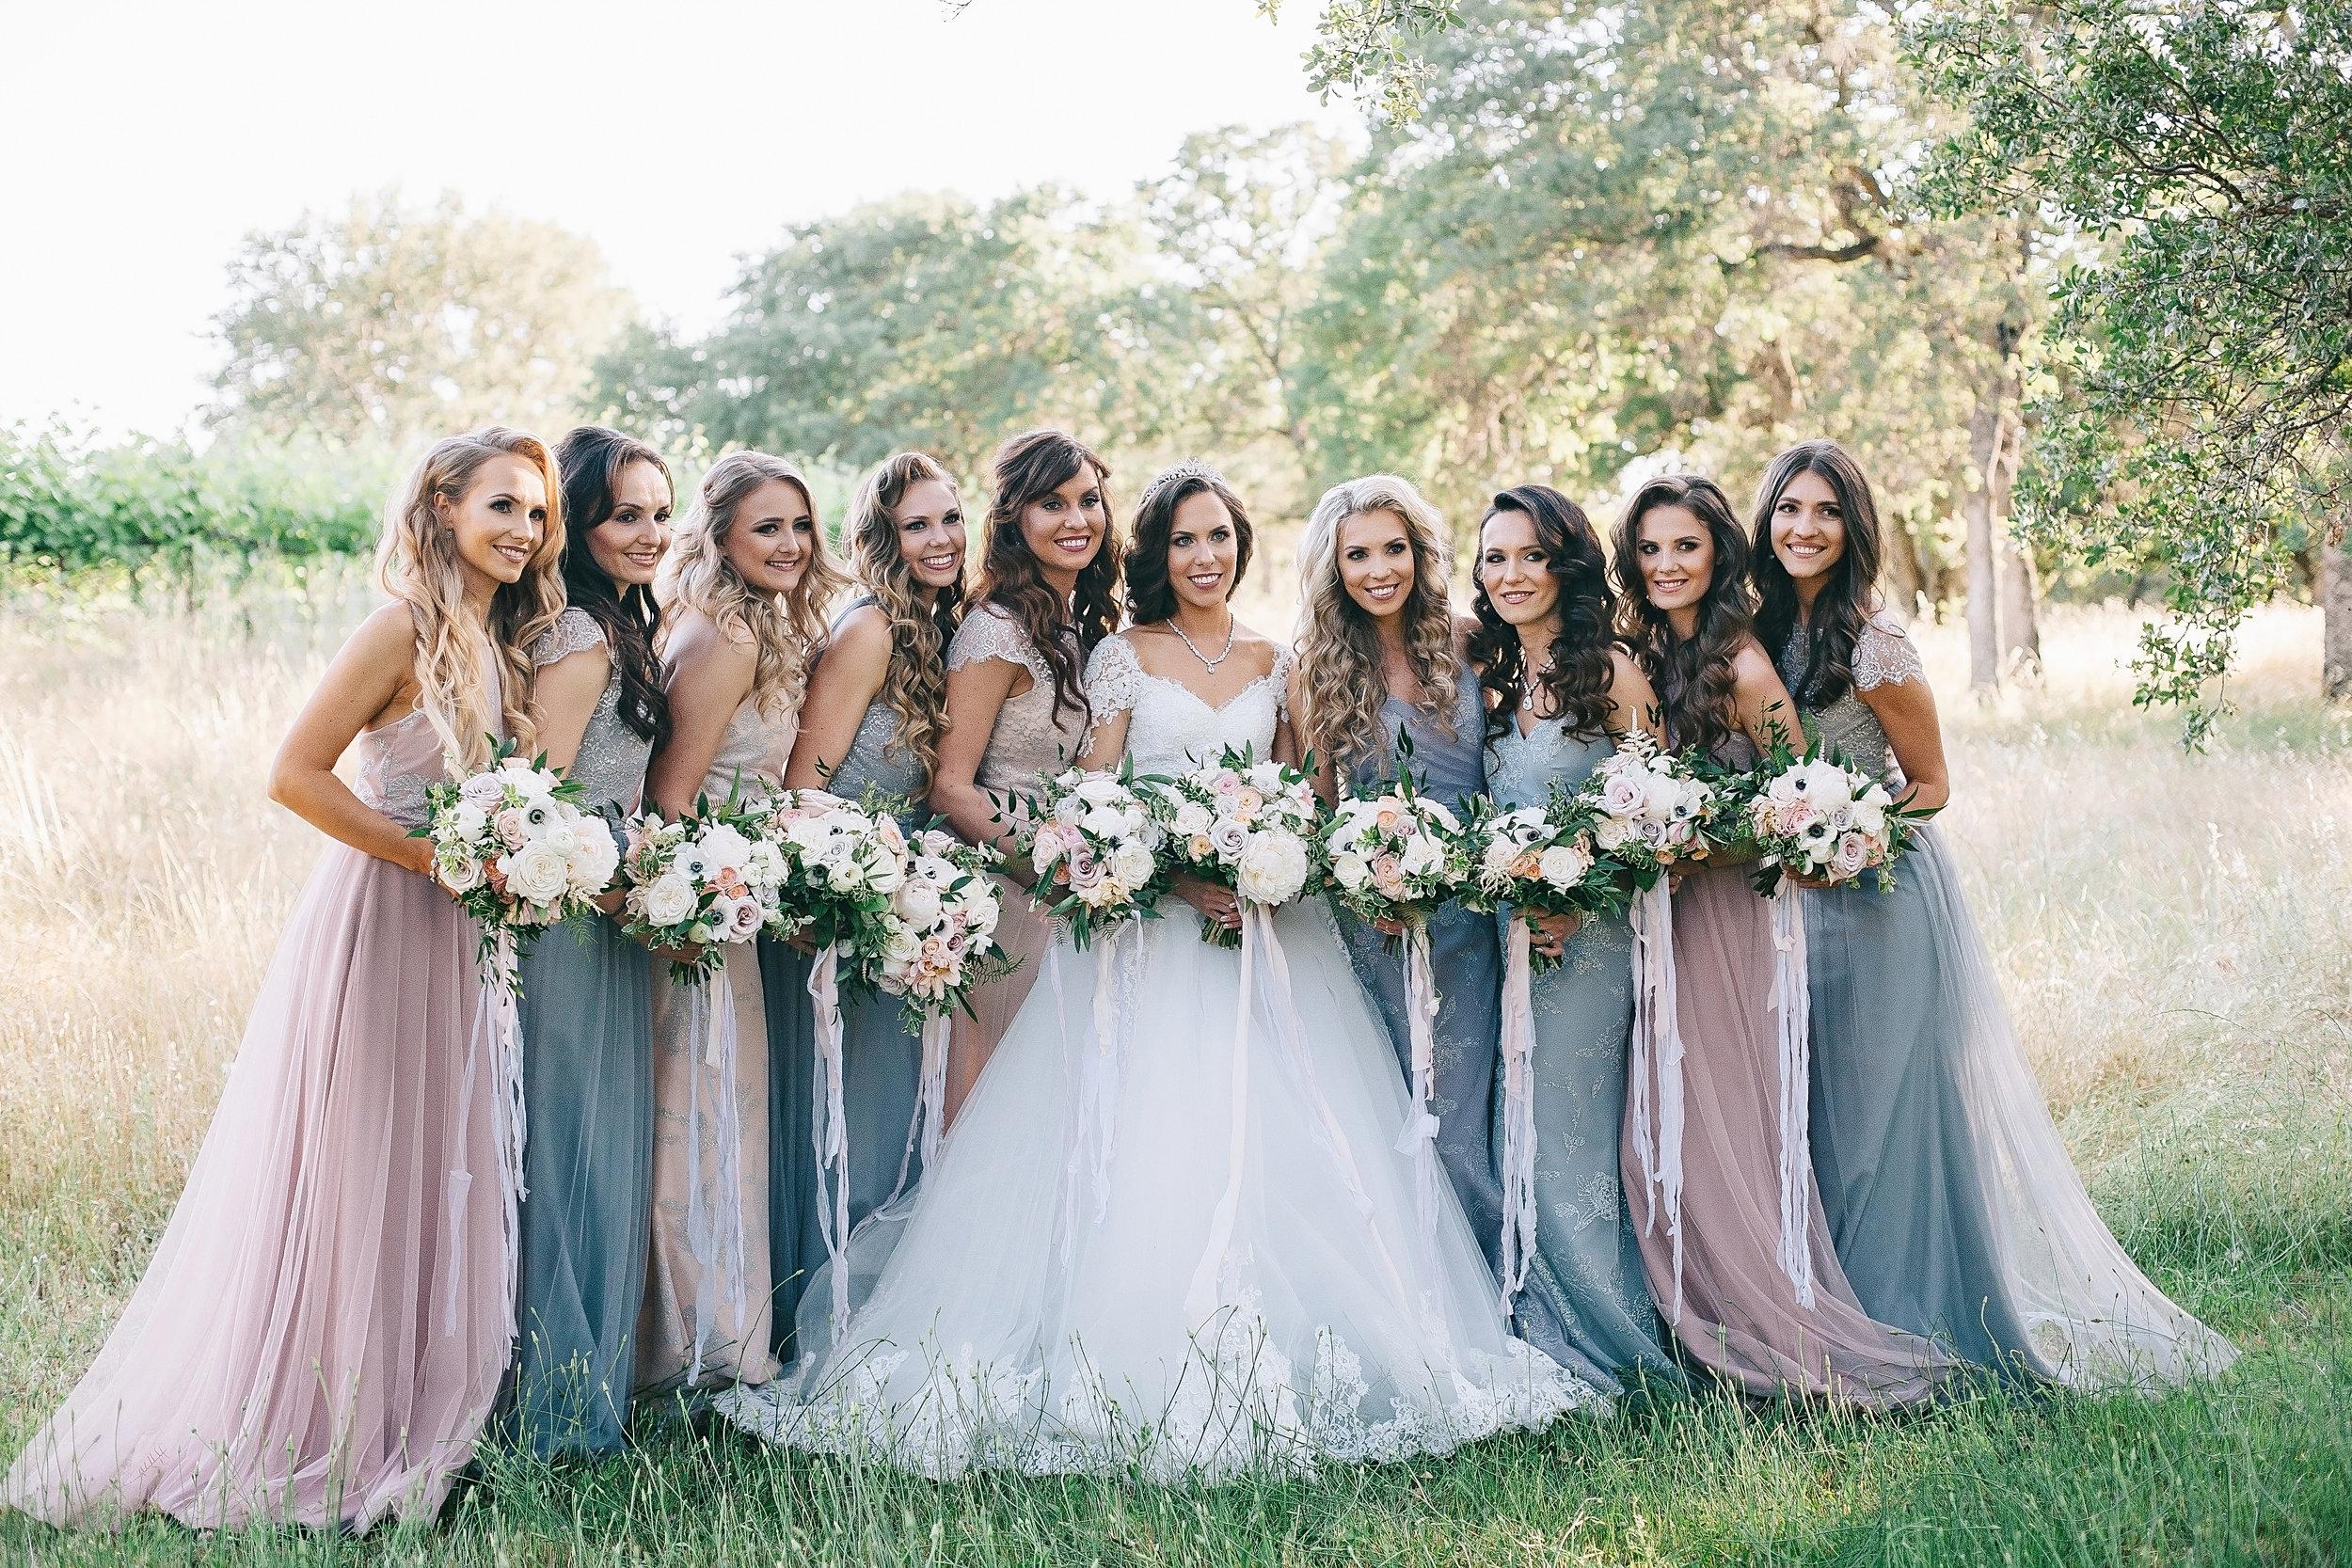 Violette-fleurs-event-design-roseville-anna-perevertaylo-rancho-robles-vinyards-Detail-Elegant-Luxury-California.jpg